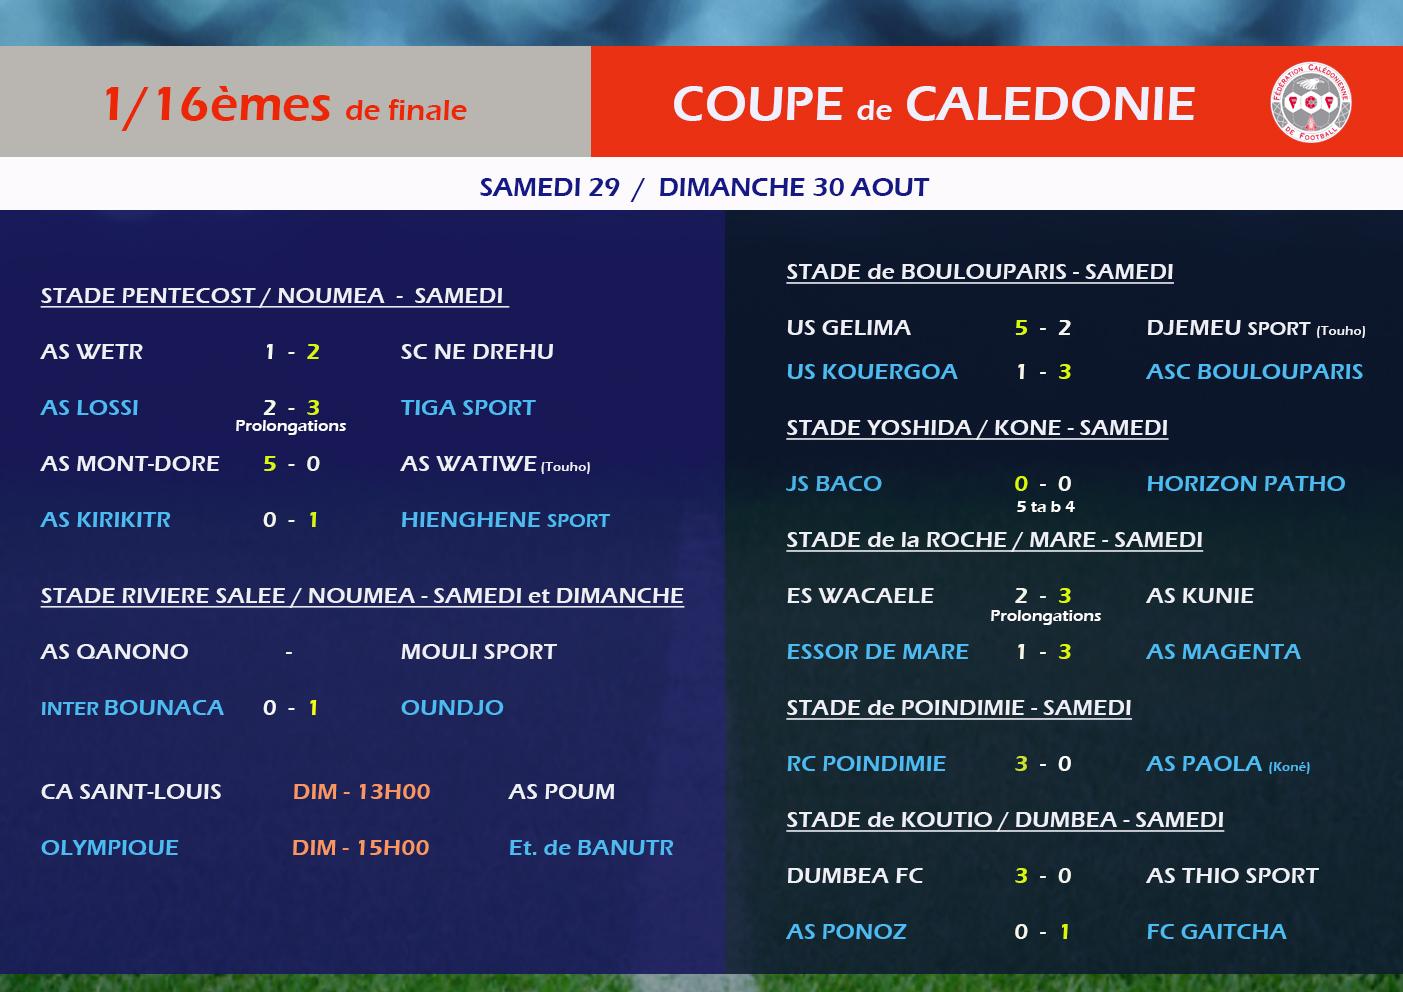 RESULTATS complets des 1/16èmes de finale de la COUPE / FCF